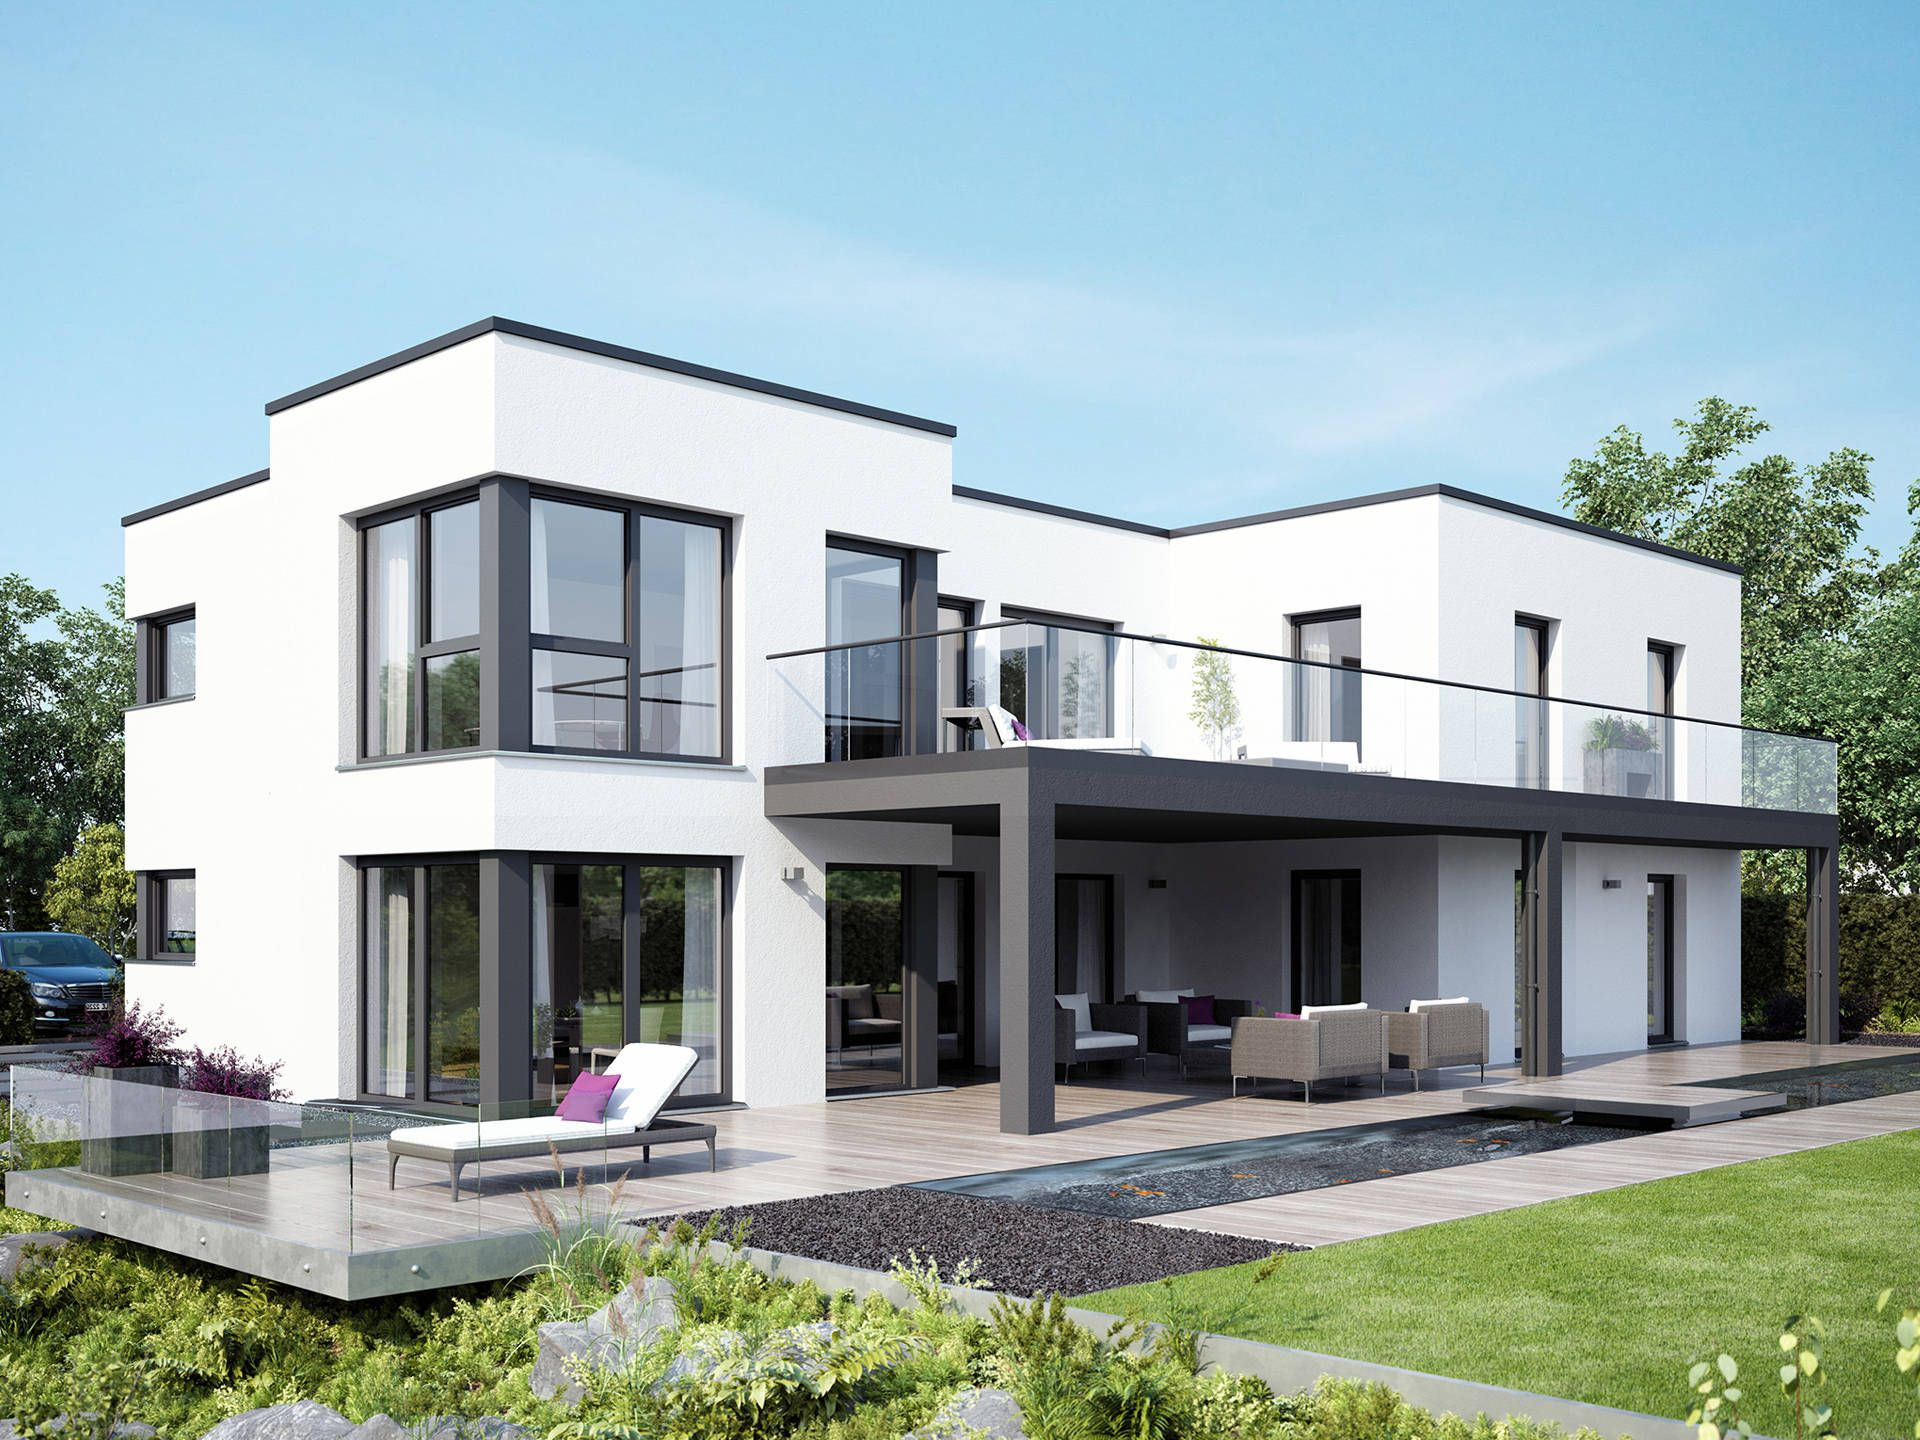 celebration 282 v7 zweifamilienhaus von bien zenker fertighaus mit flachdach und wellnessbad. Black Bedroom Furniture Sets. Home Design Ideas